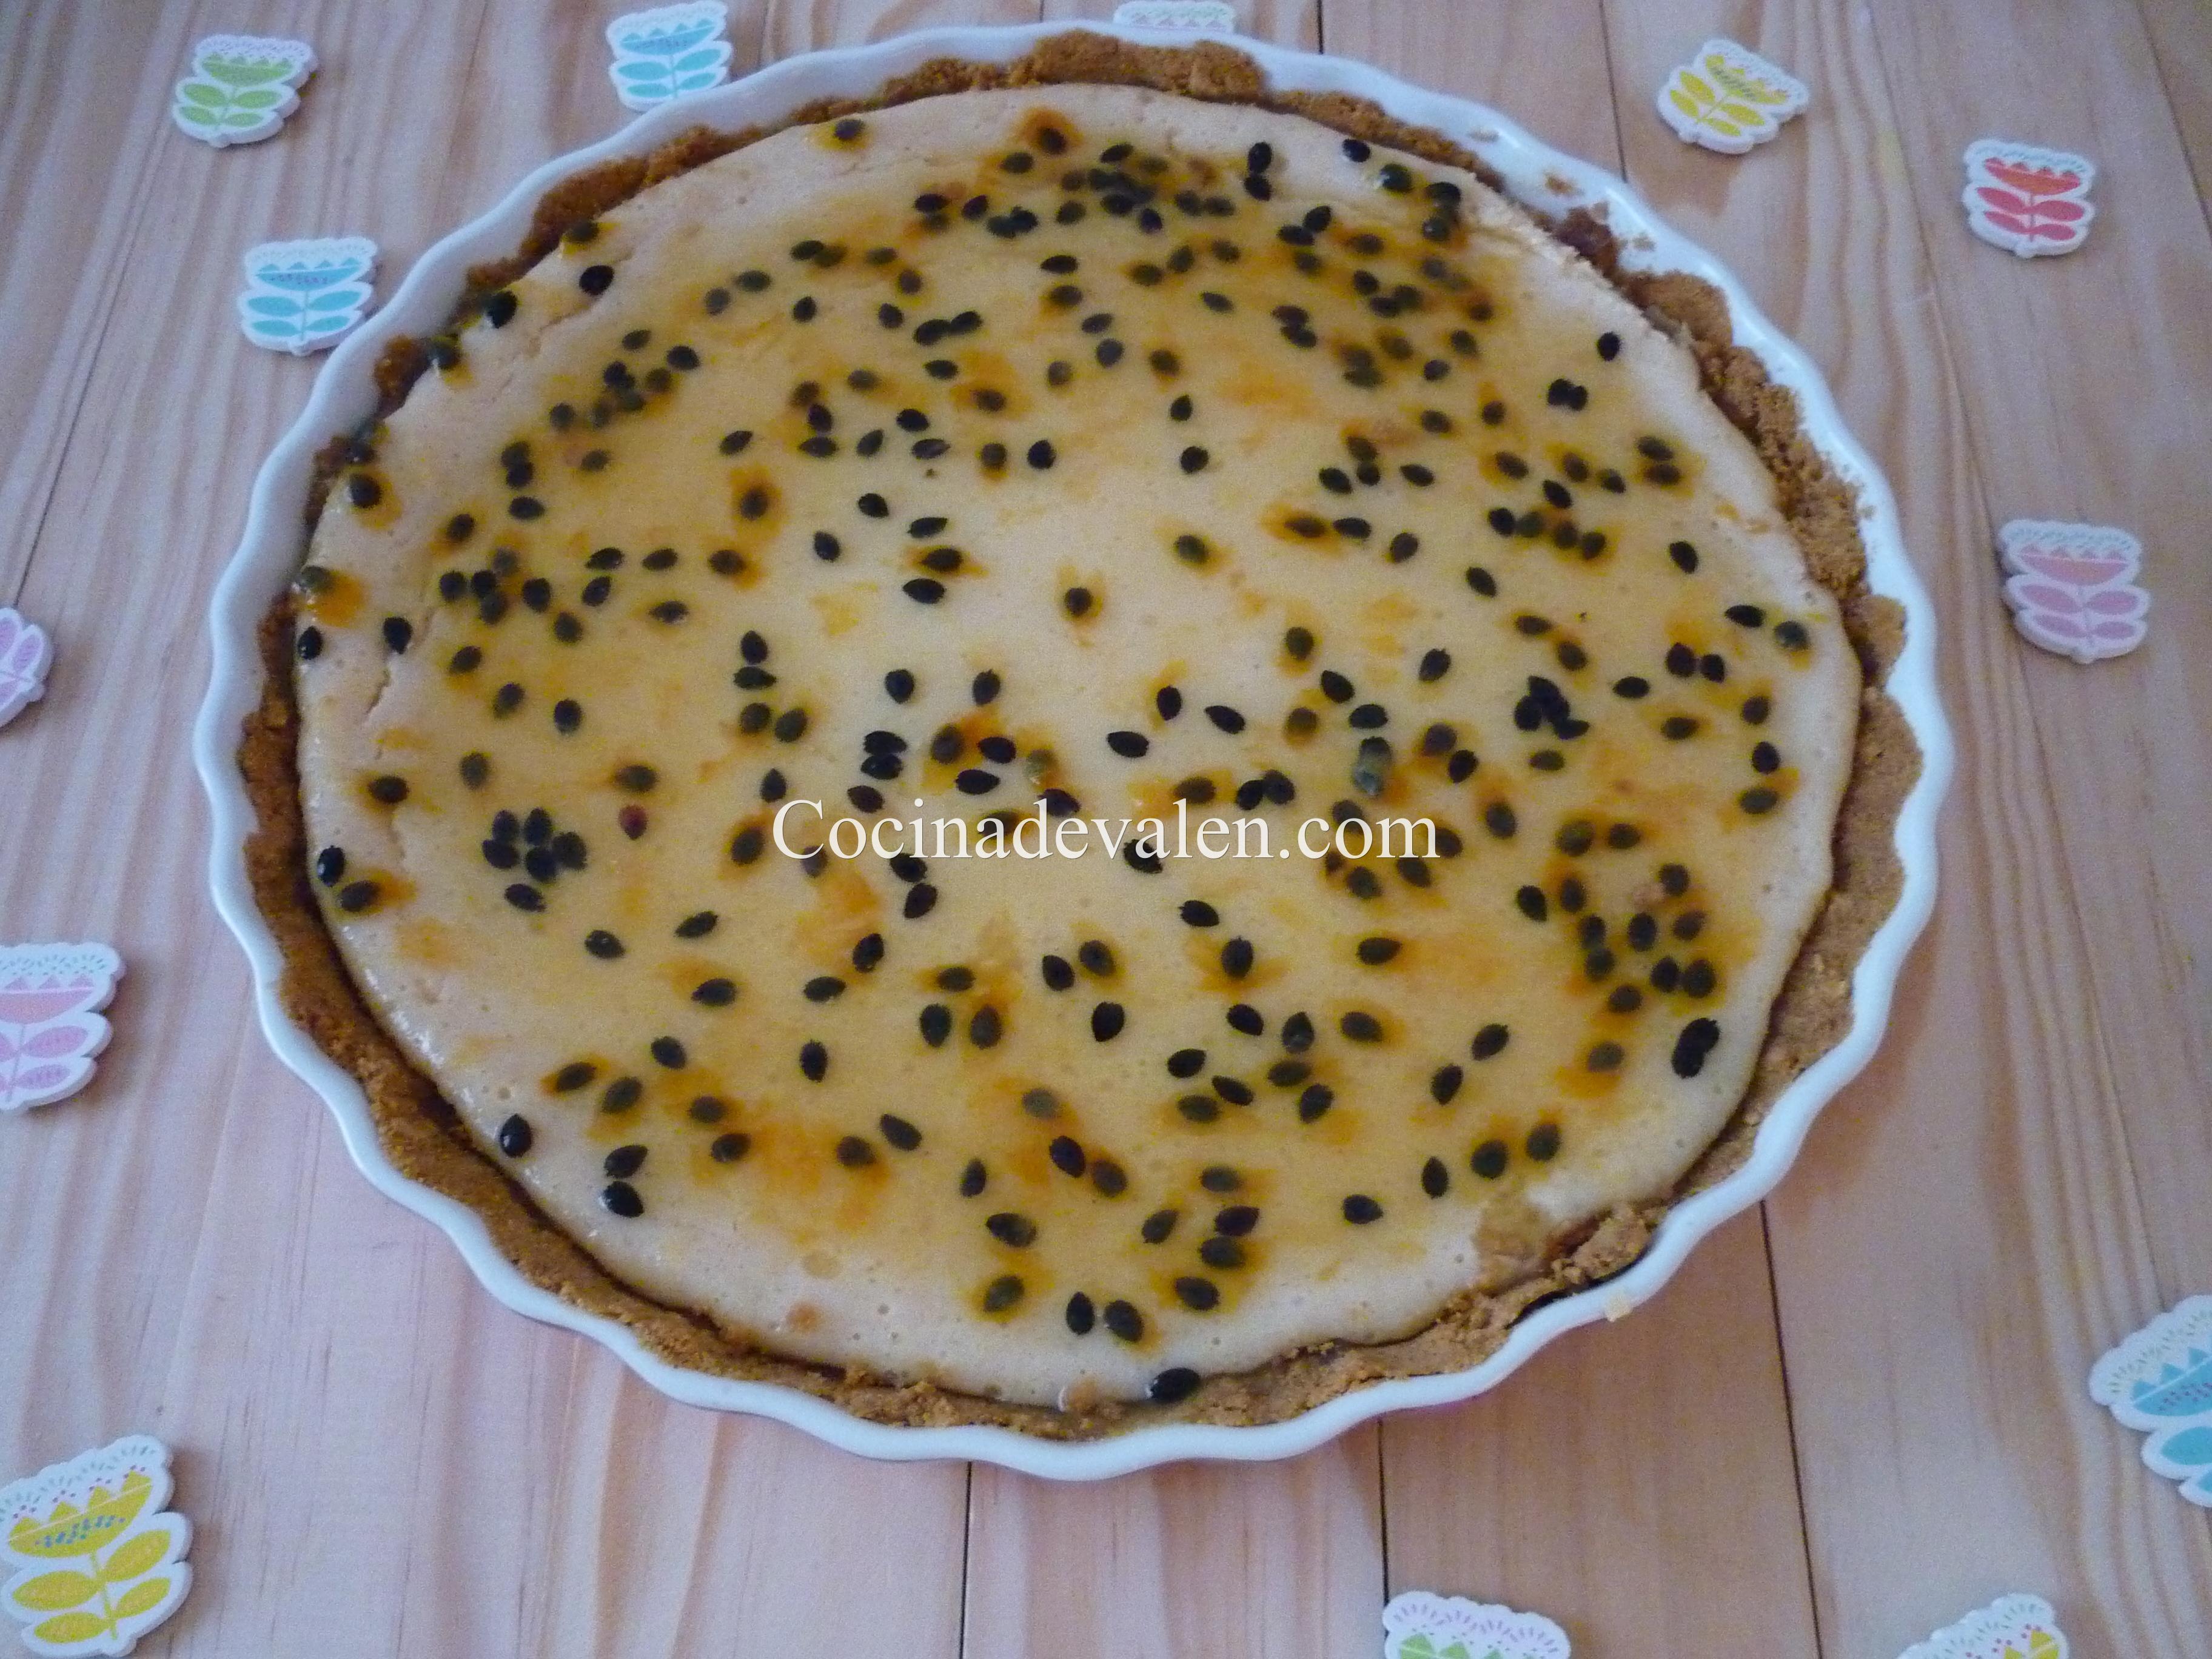 Pie de limón y maracuyá - Cocina de Valen